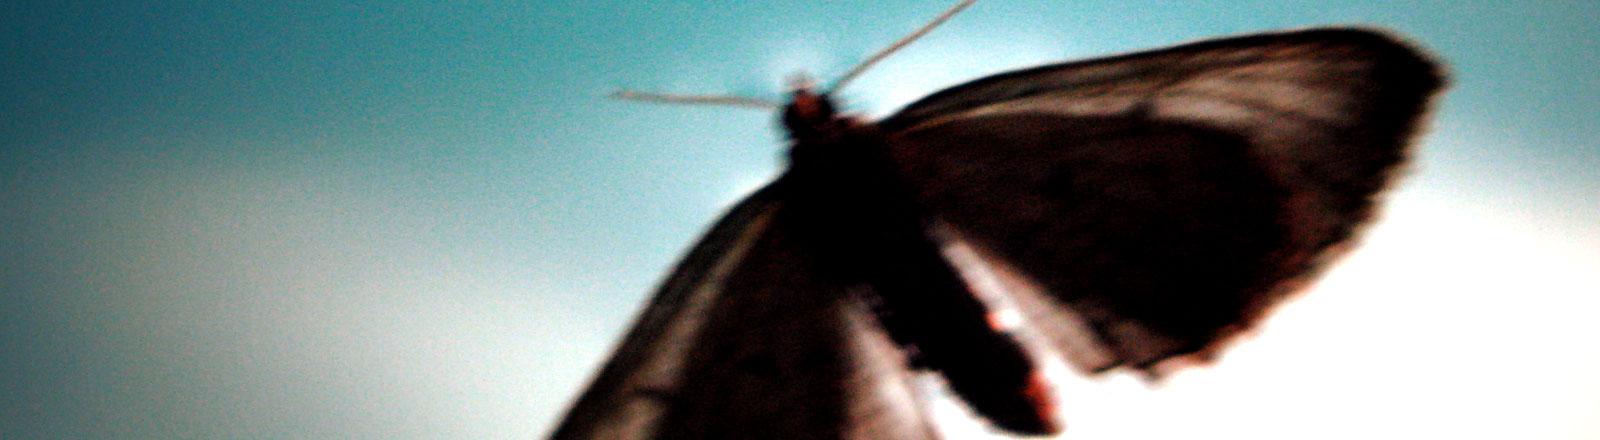 Eine Motte fliegt.